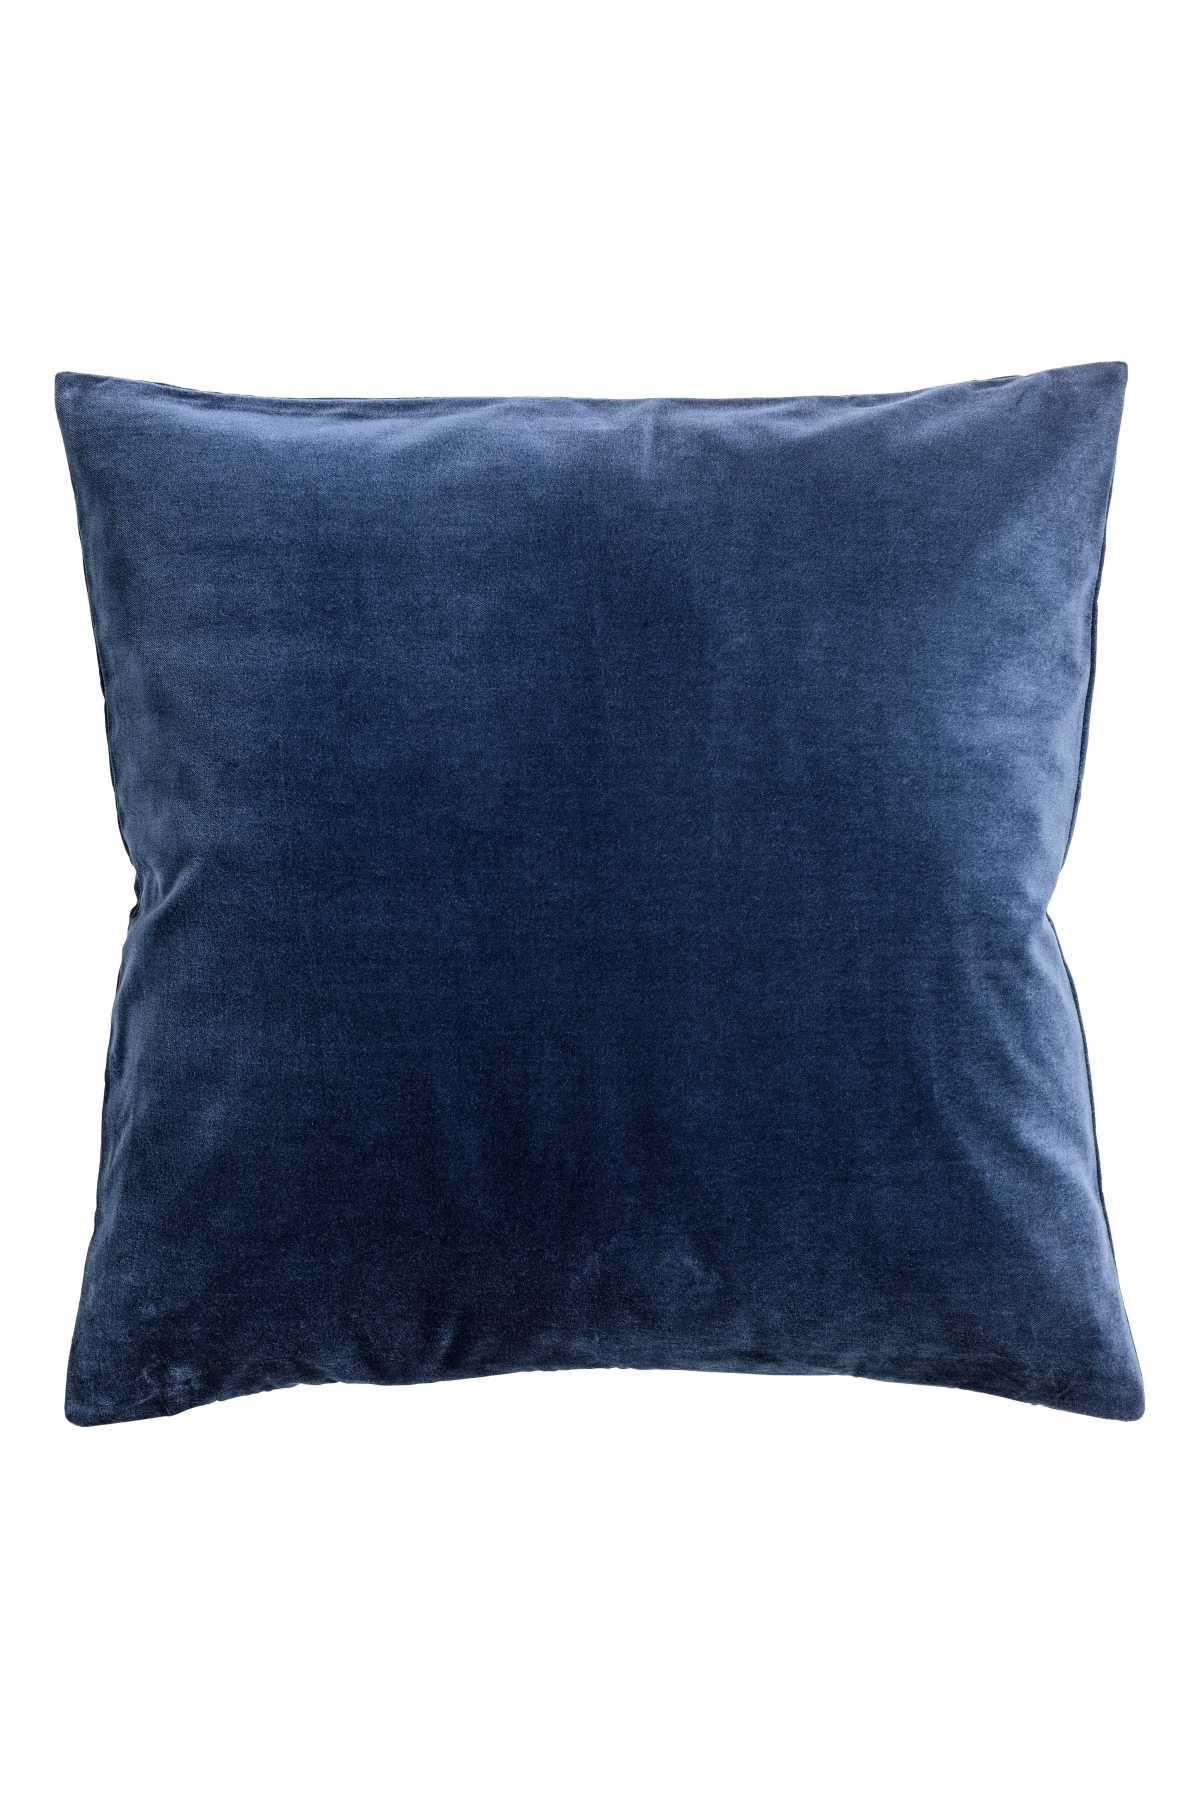 Cotton Velvet Cushion Cover Dark Blue H M Home H M Us Mit Bildern Blaue Kissen Blaue Samtcouch Baumwollsamt